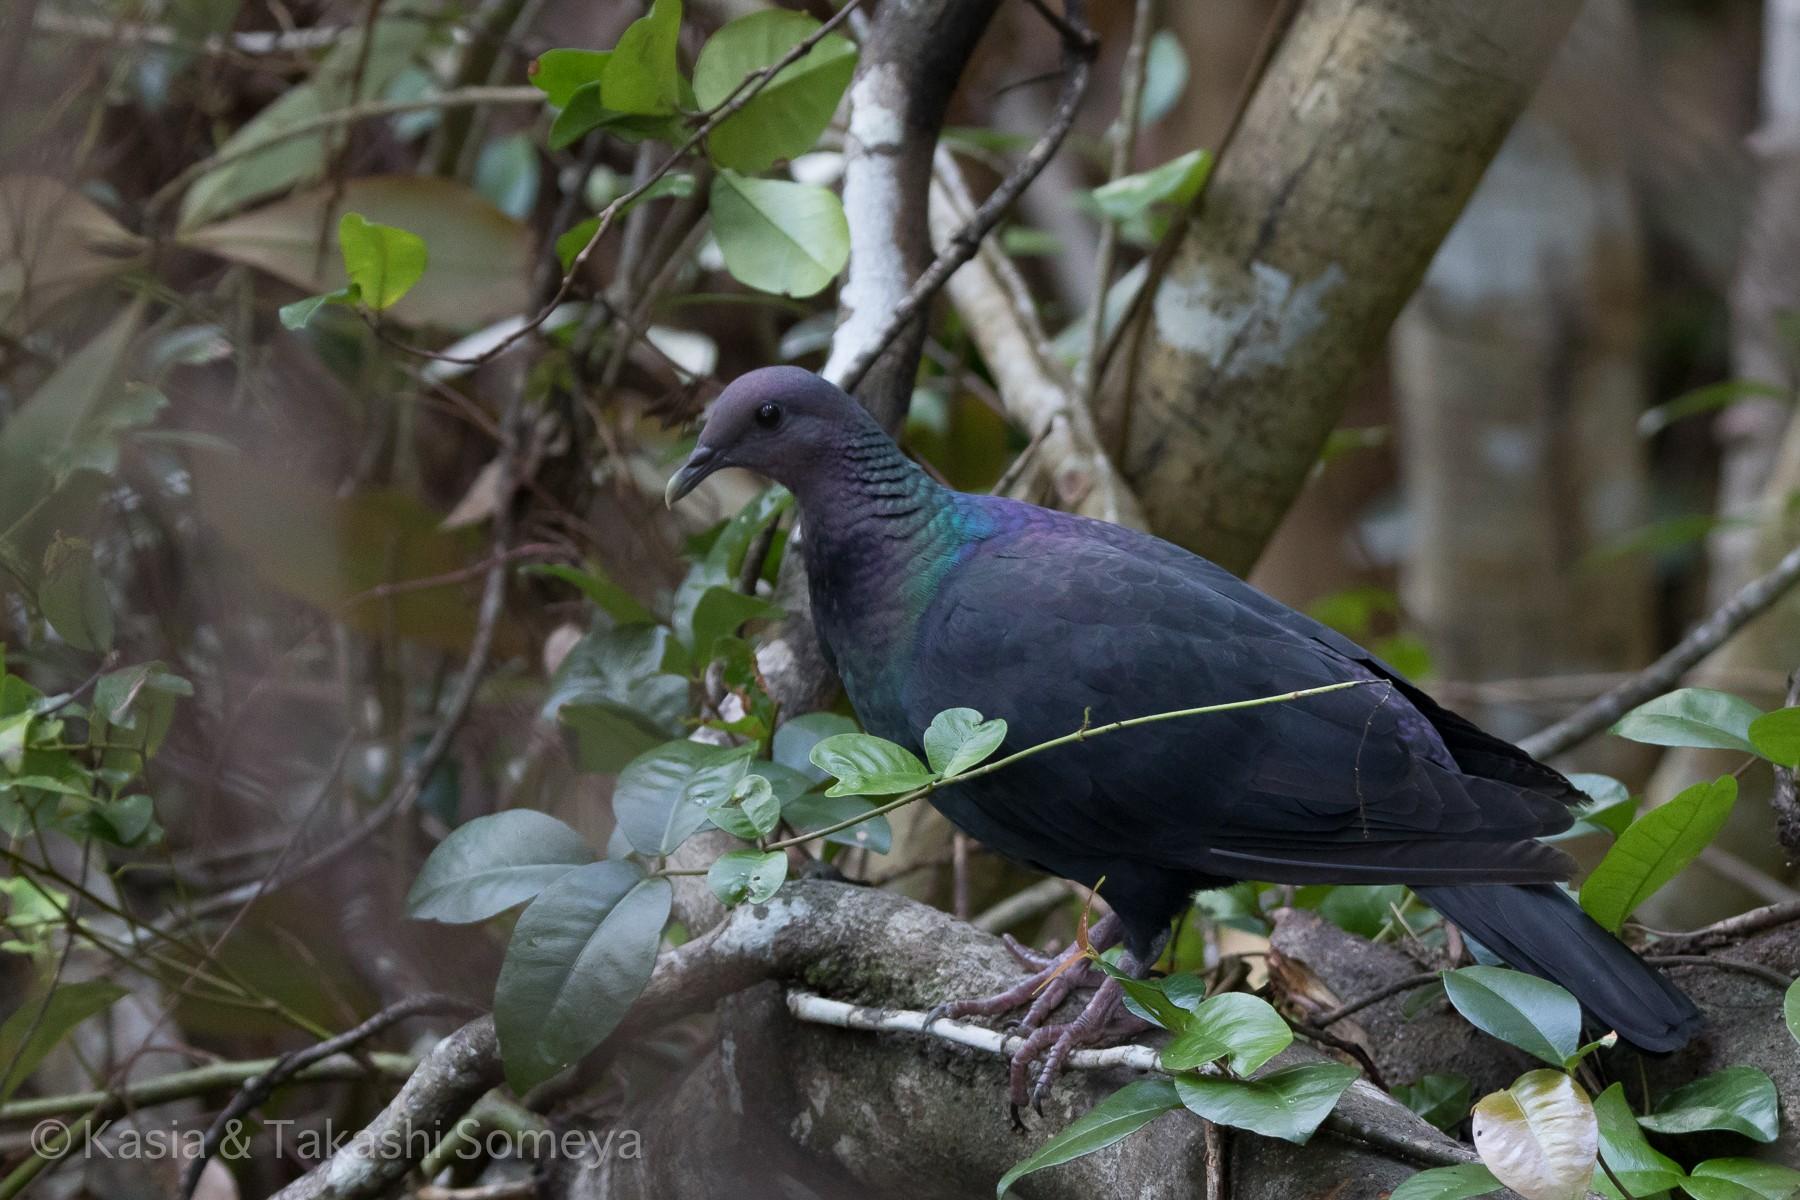 Japanese Wood-Pigeon - Kasia & Takashi Someya